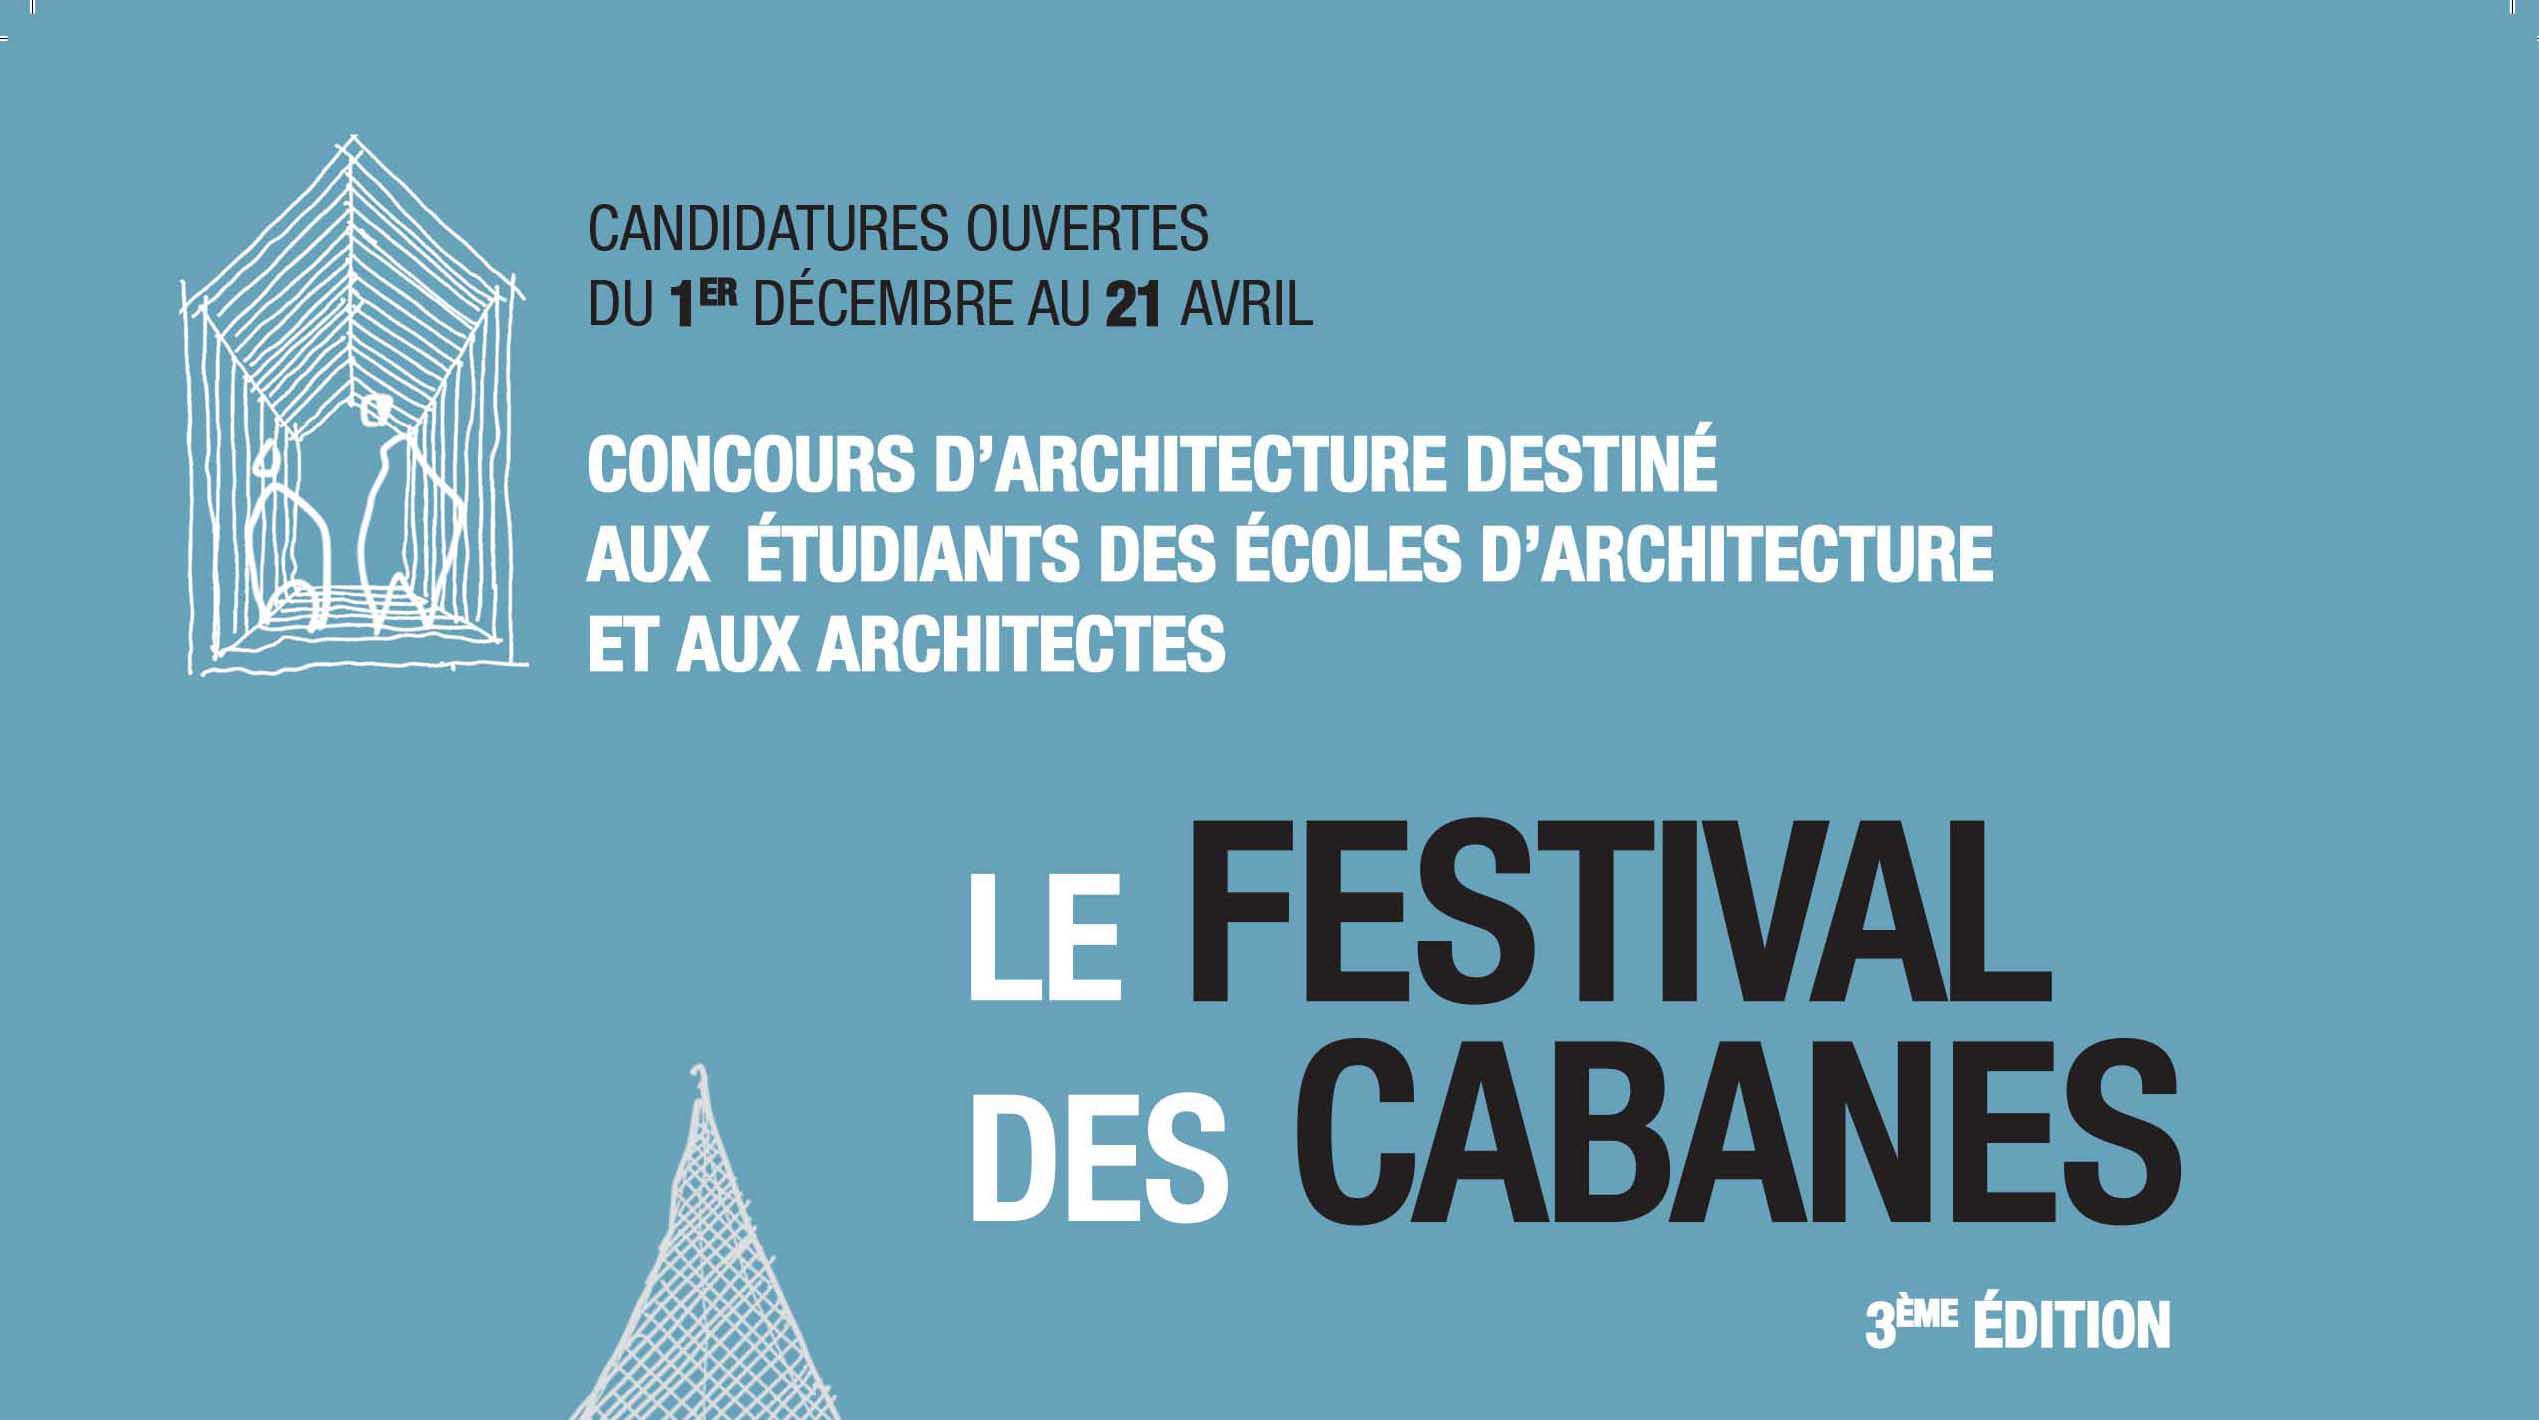 festival_cabanes_affiche_2018_concours2_fr.jpg